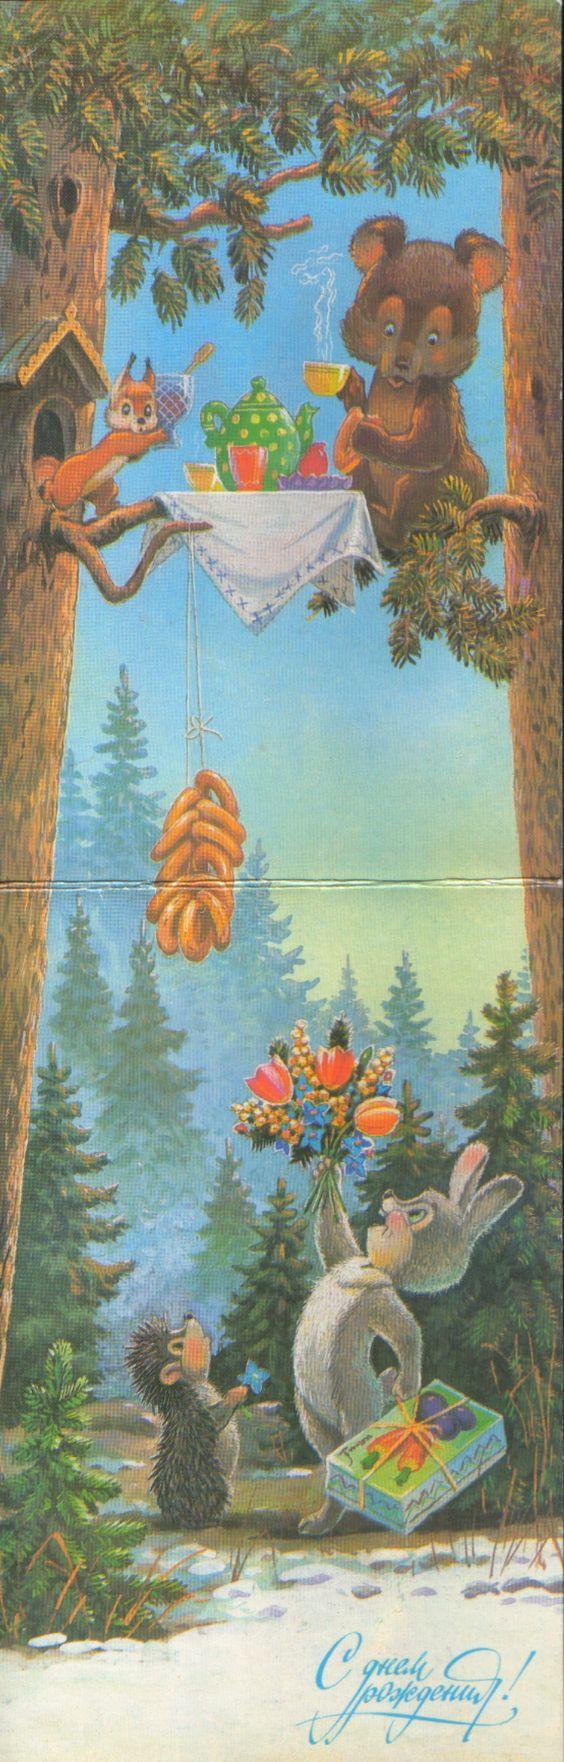 <<С Днём Рождения! Здоровья, счастья и всех благ! # Artist V. Zarubin>>